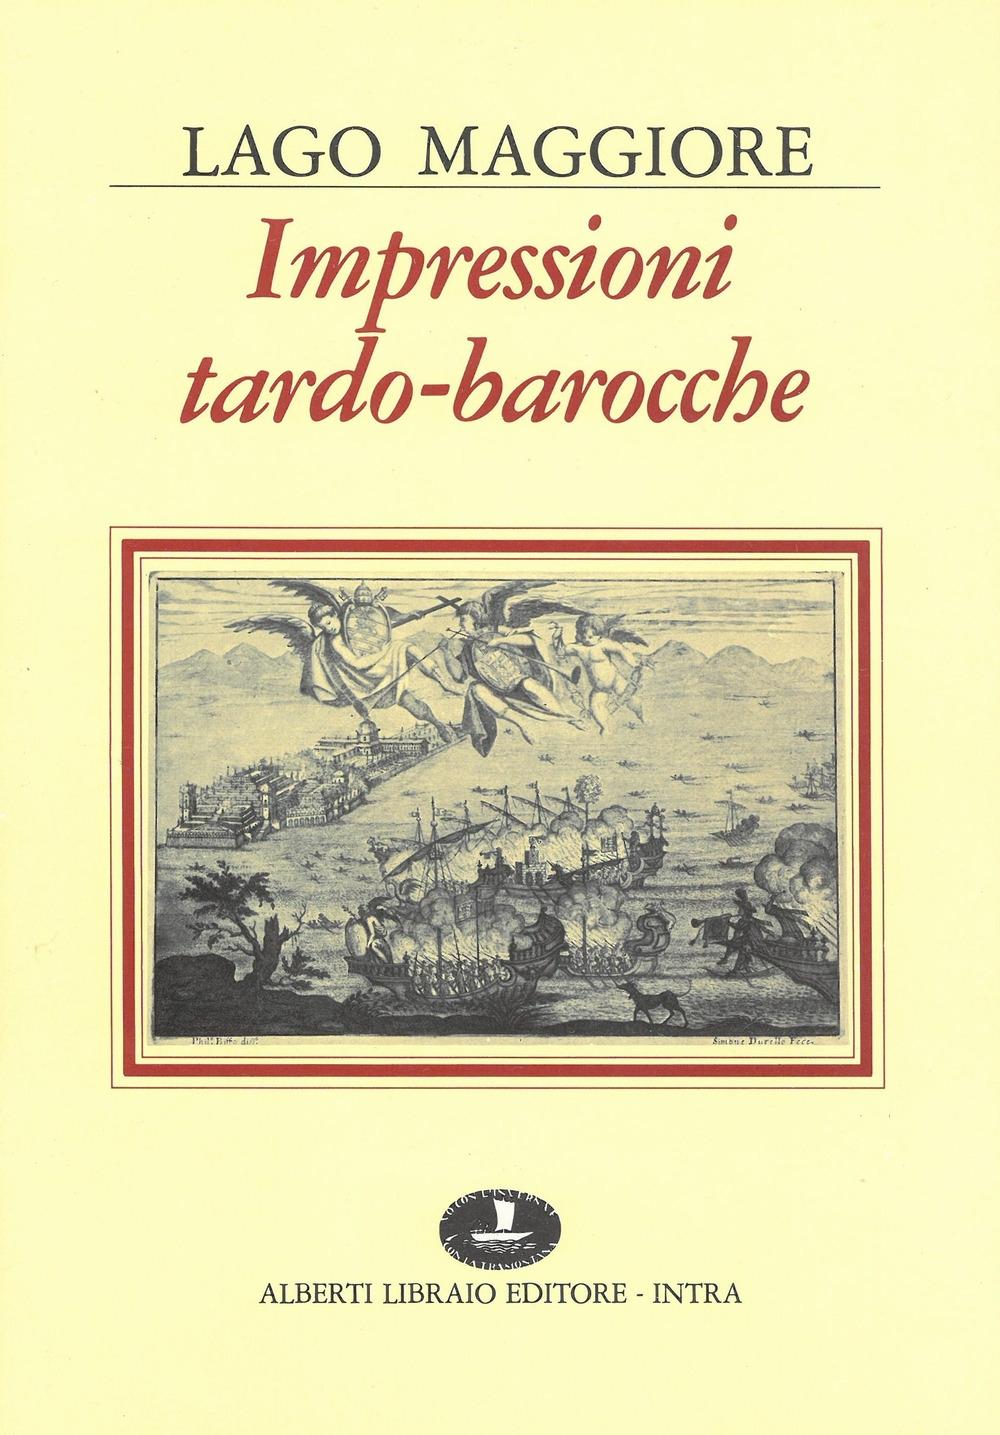 Lago Maggiore. Impressioni tardo-barocche